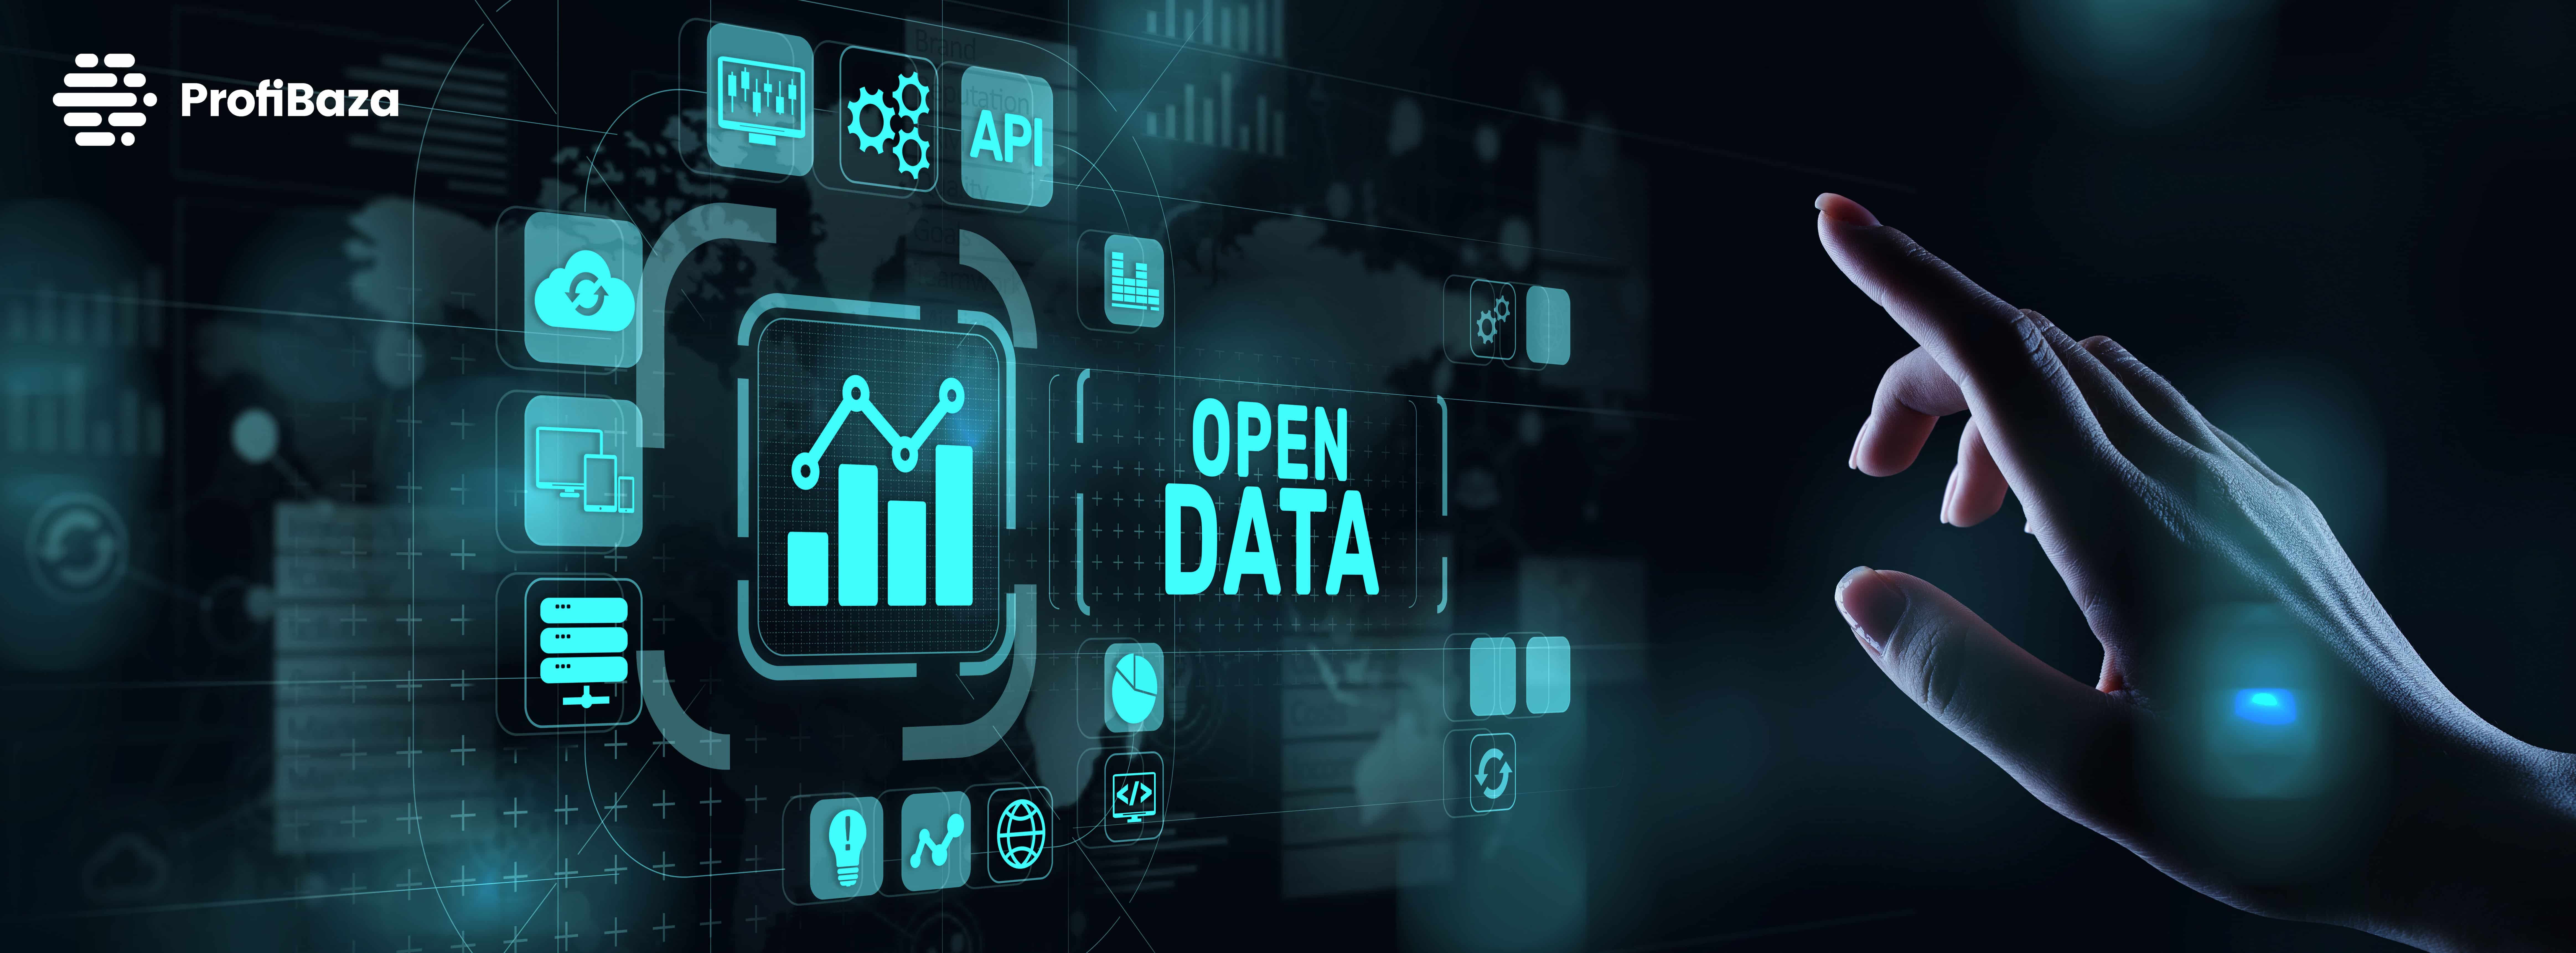 5 star open data czyli schemat pięciu poziomów otwartości danych